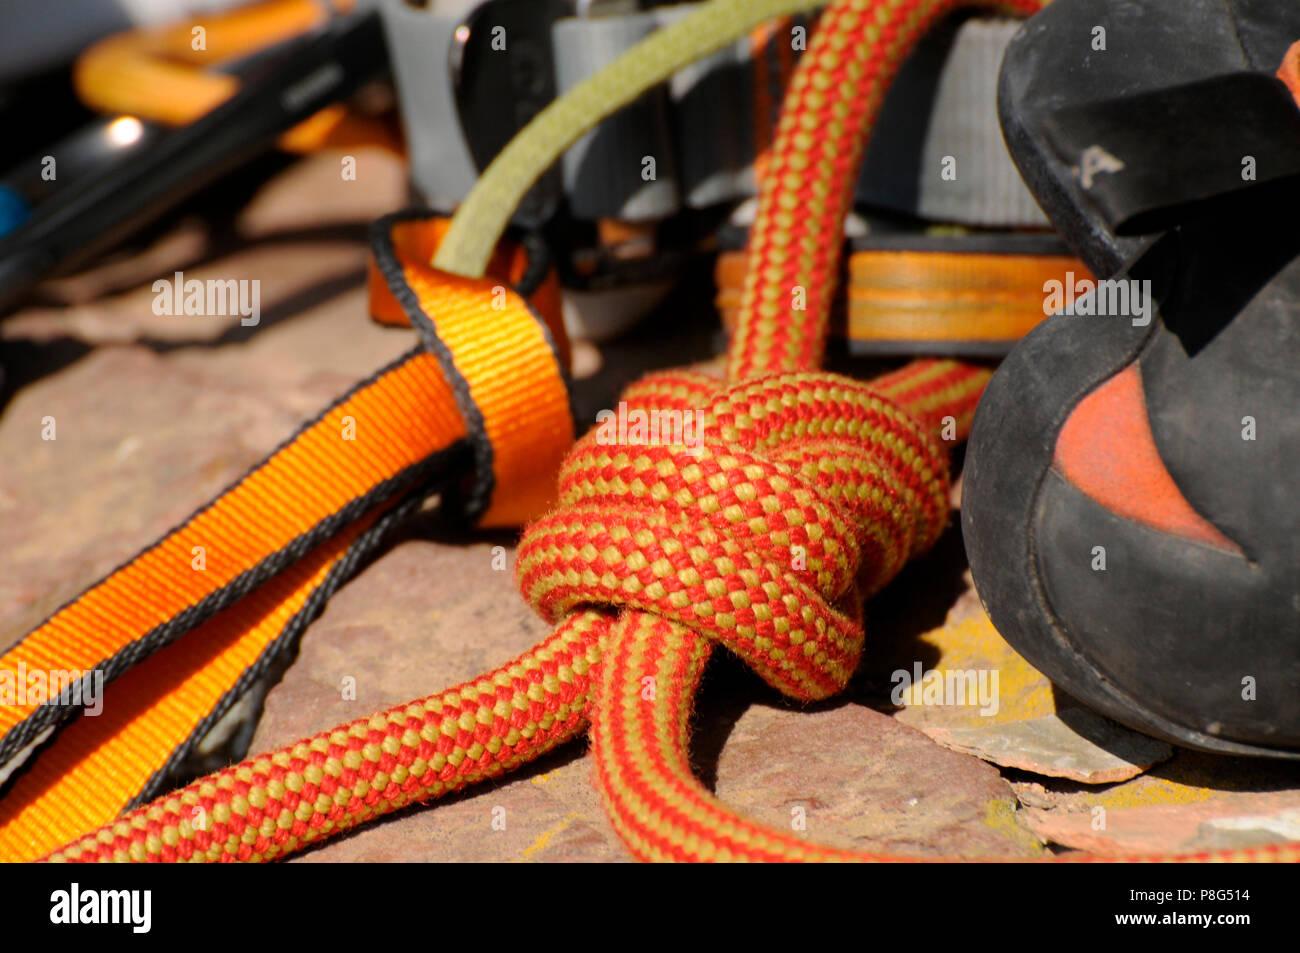 Klettergurt Englisch : Webbing harness stockfotos & bilder alamy